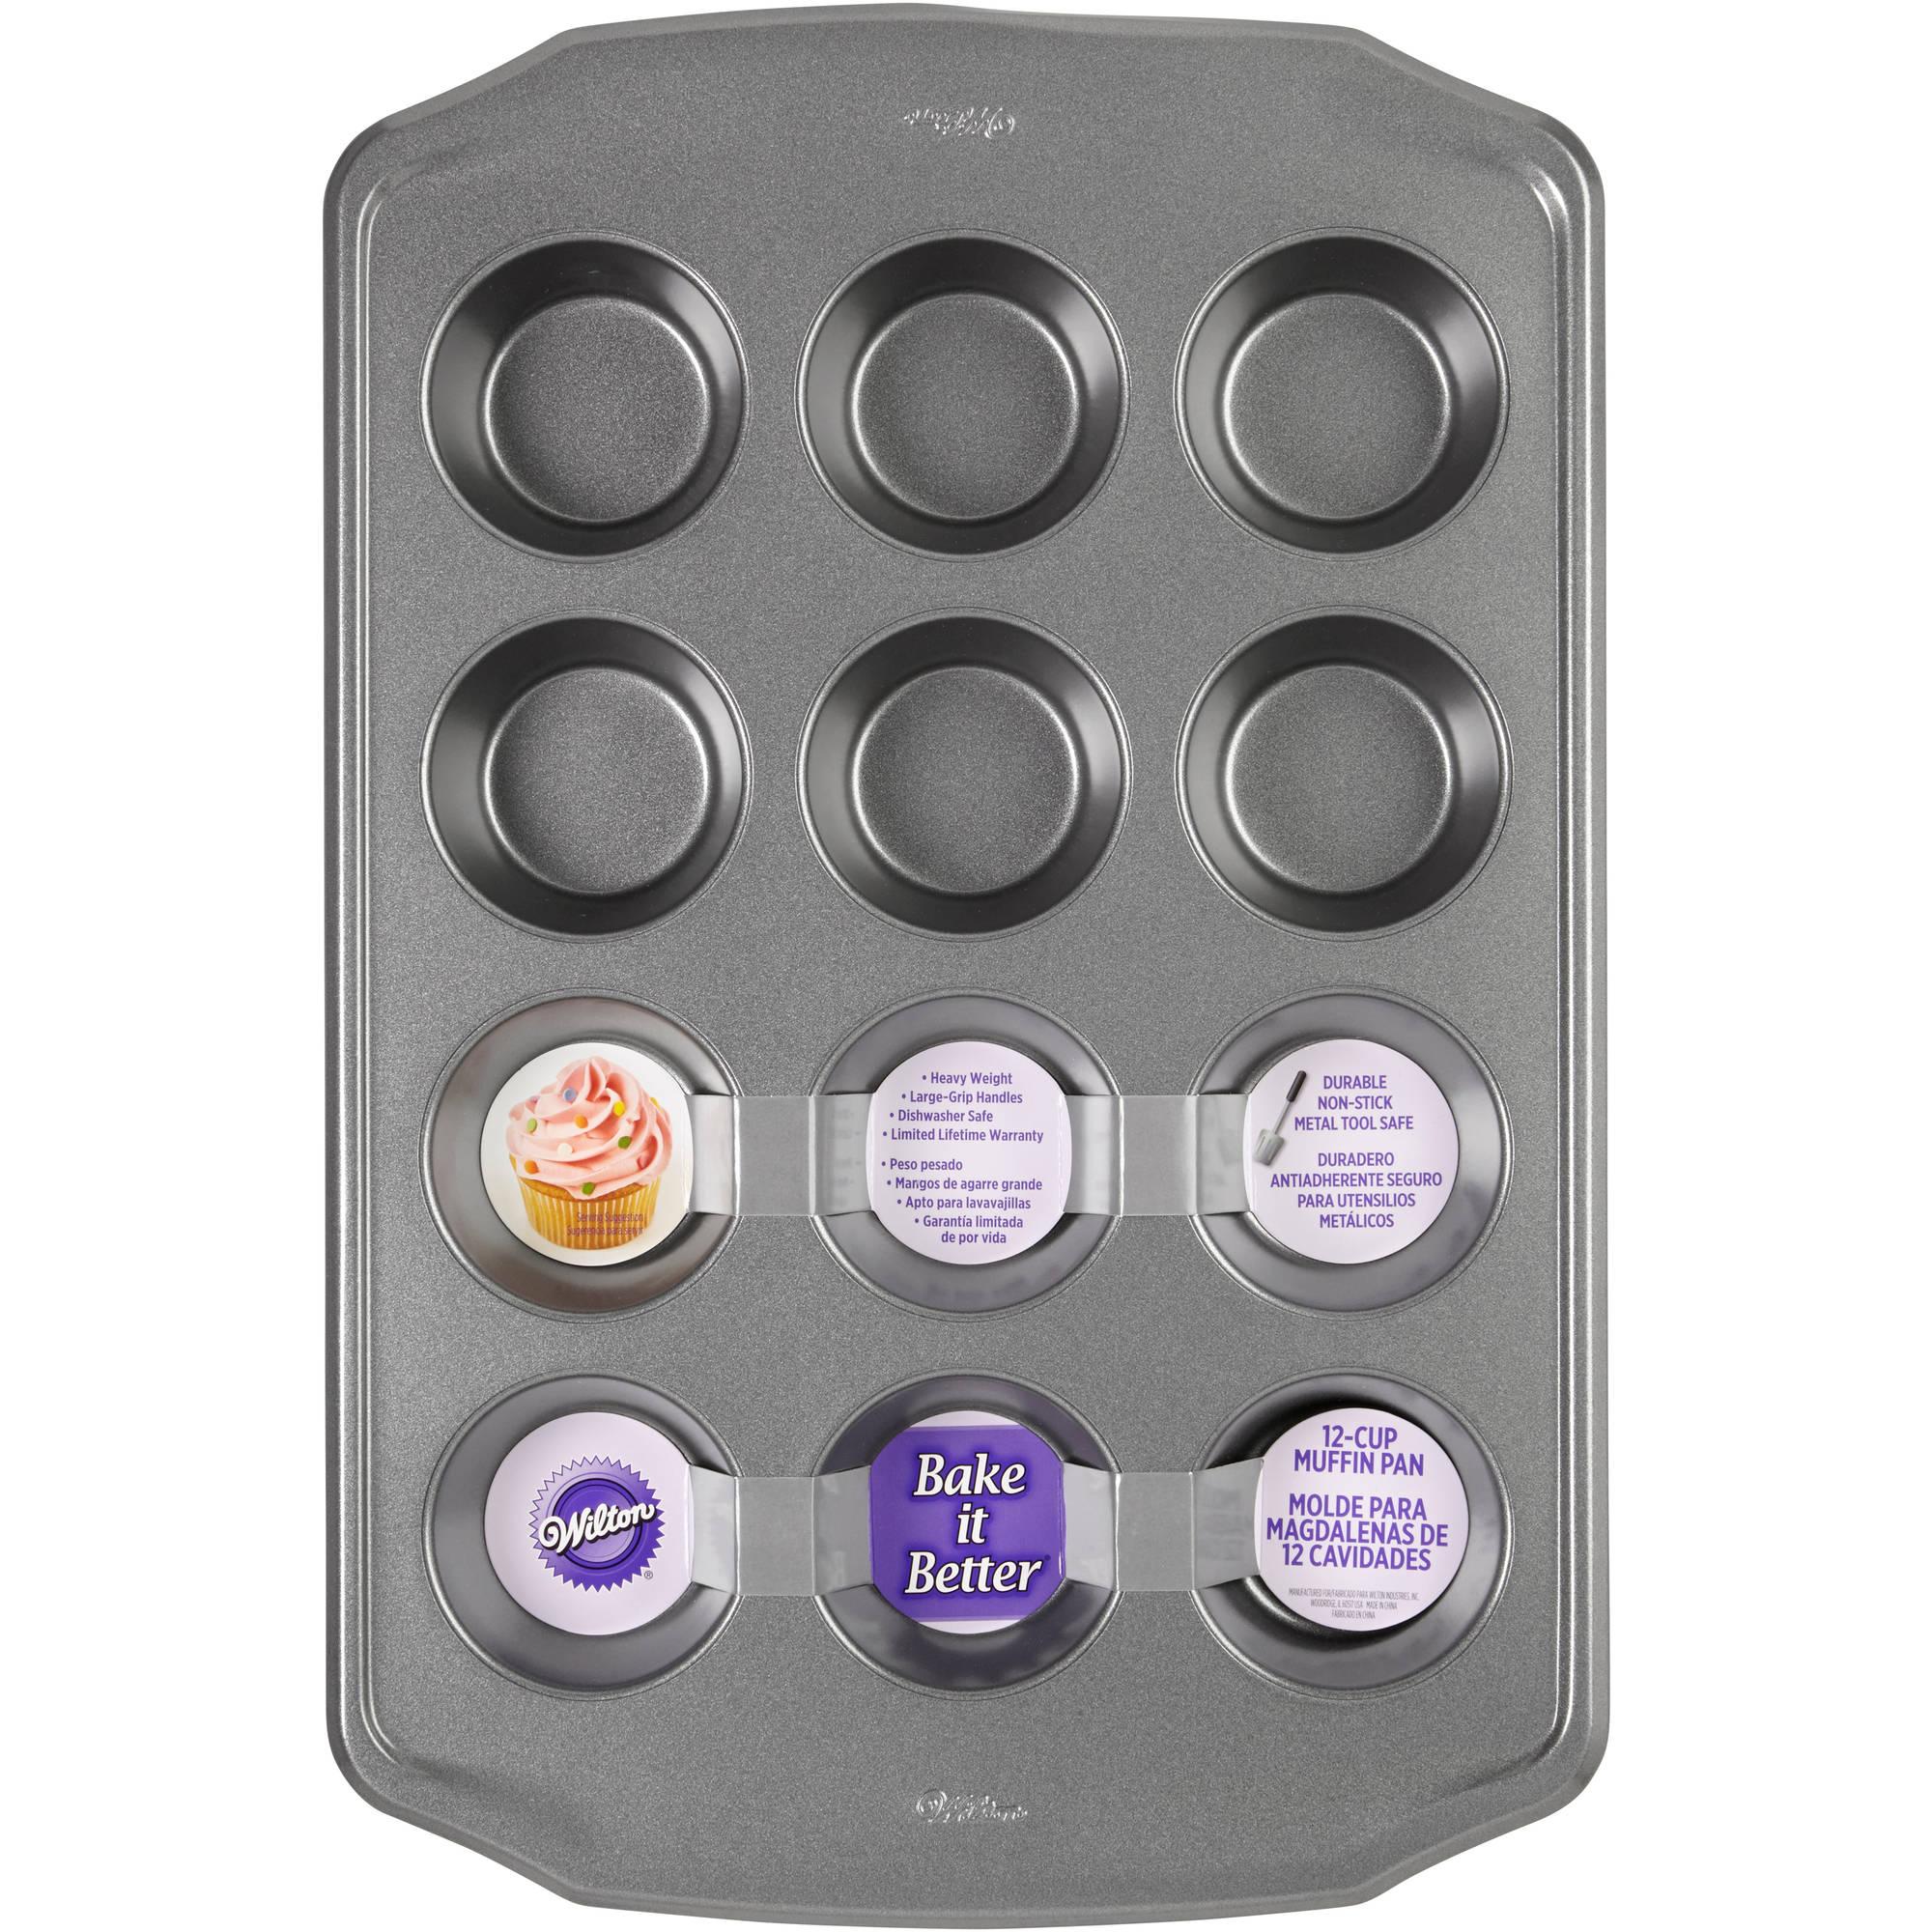 Wilton 12-Cavity Bake It Better Muffin Pan, 2105-4960